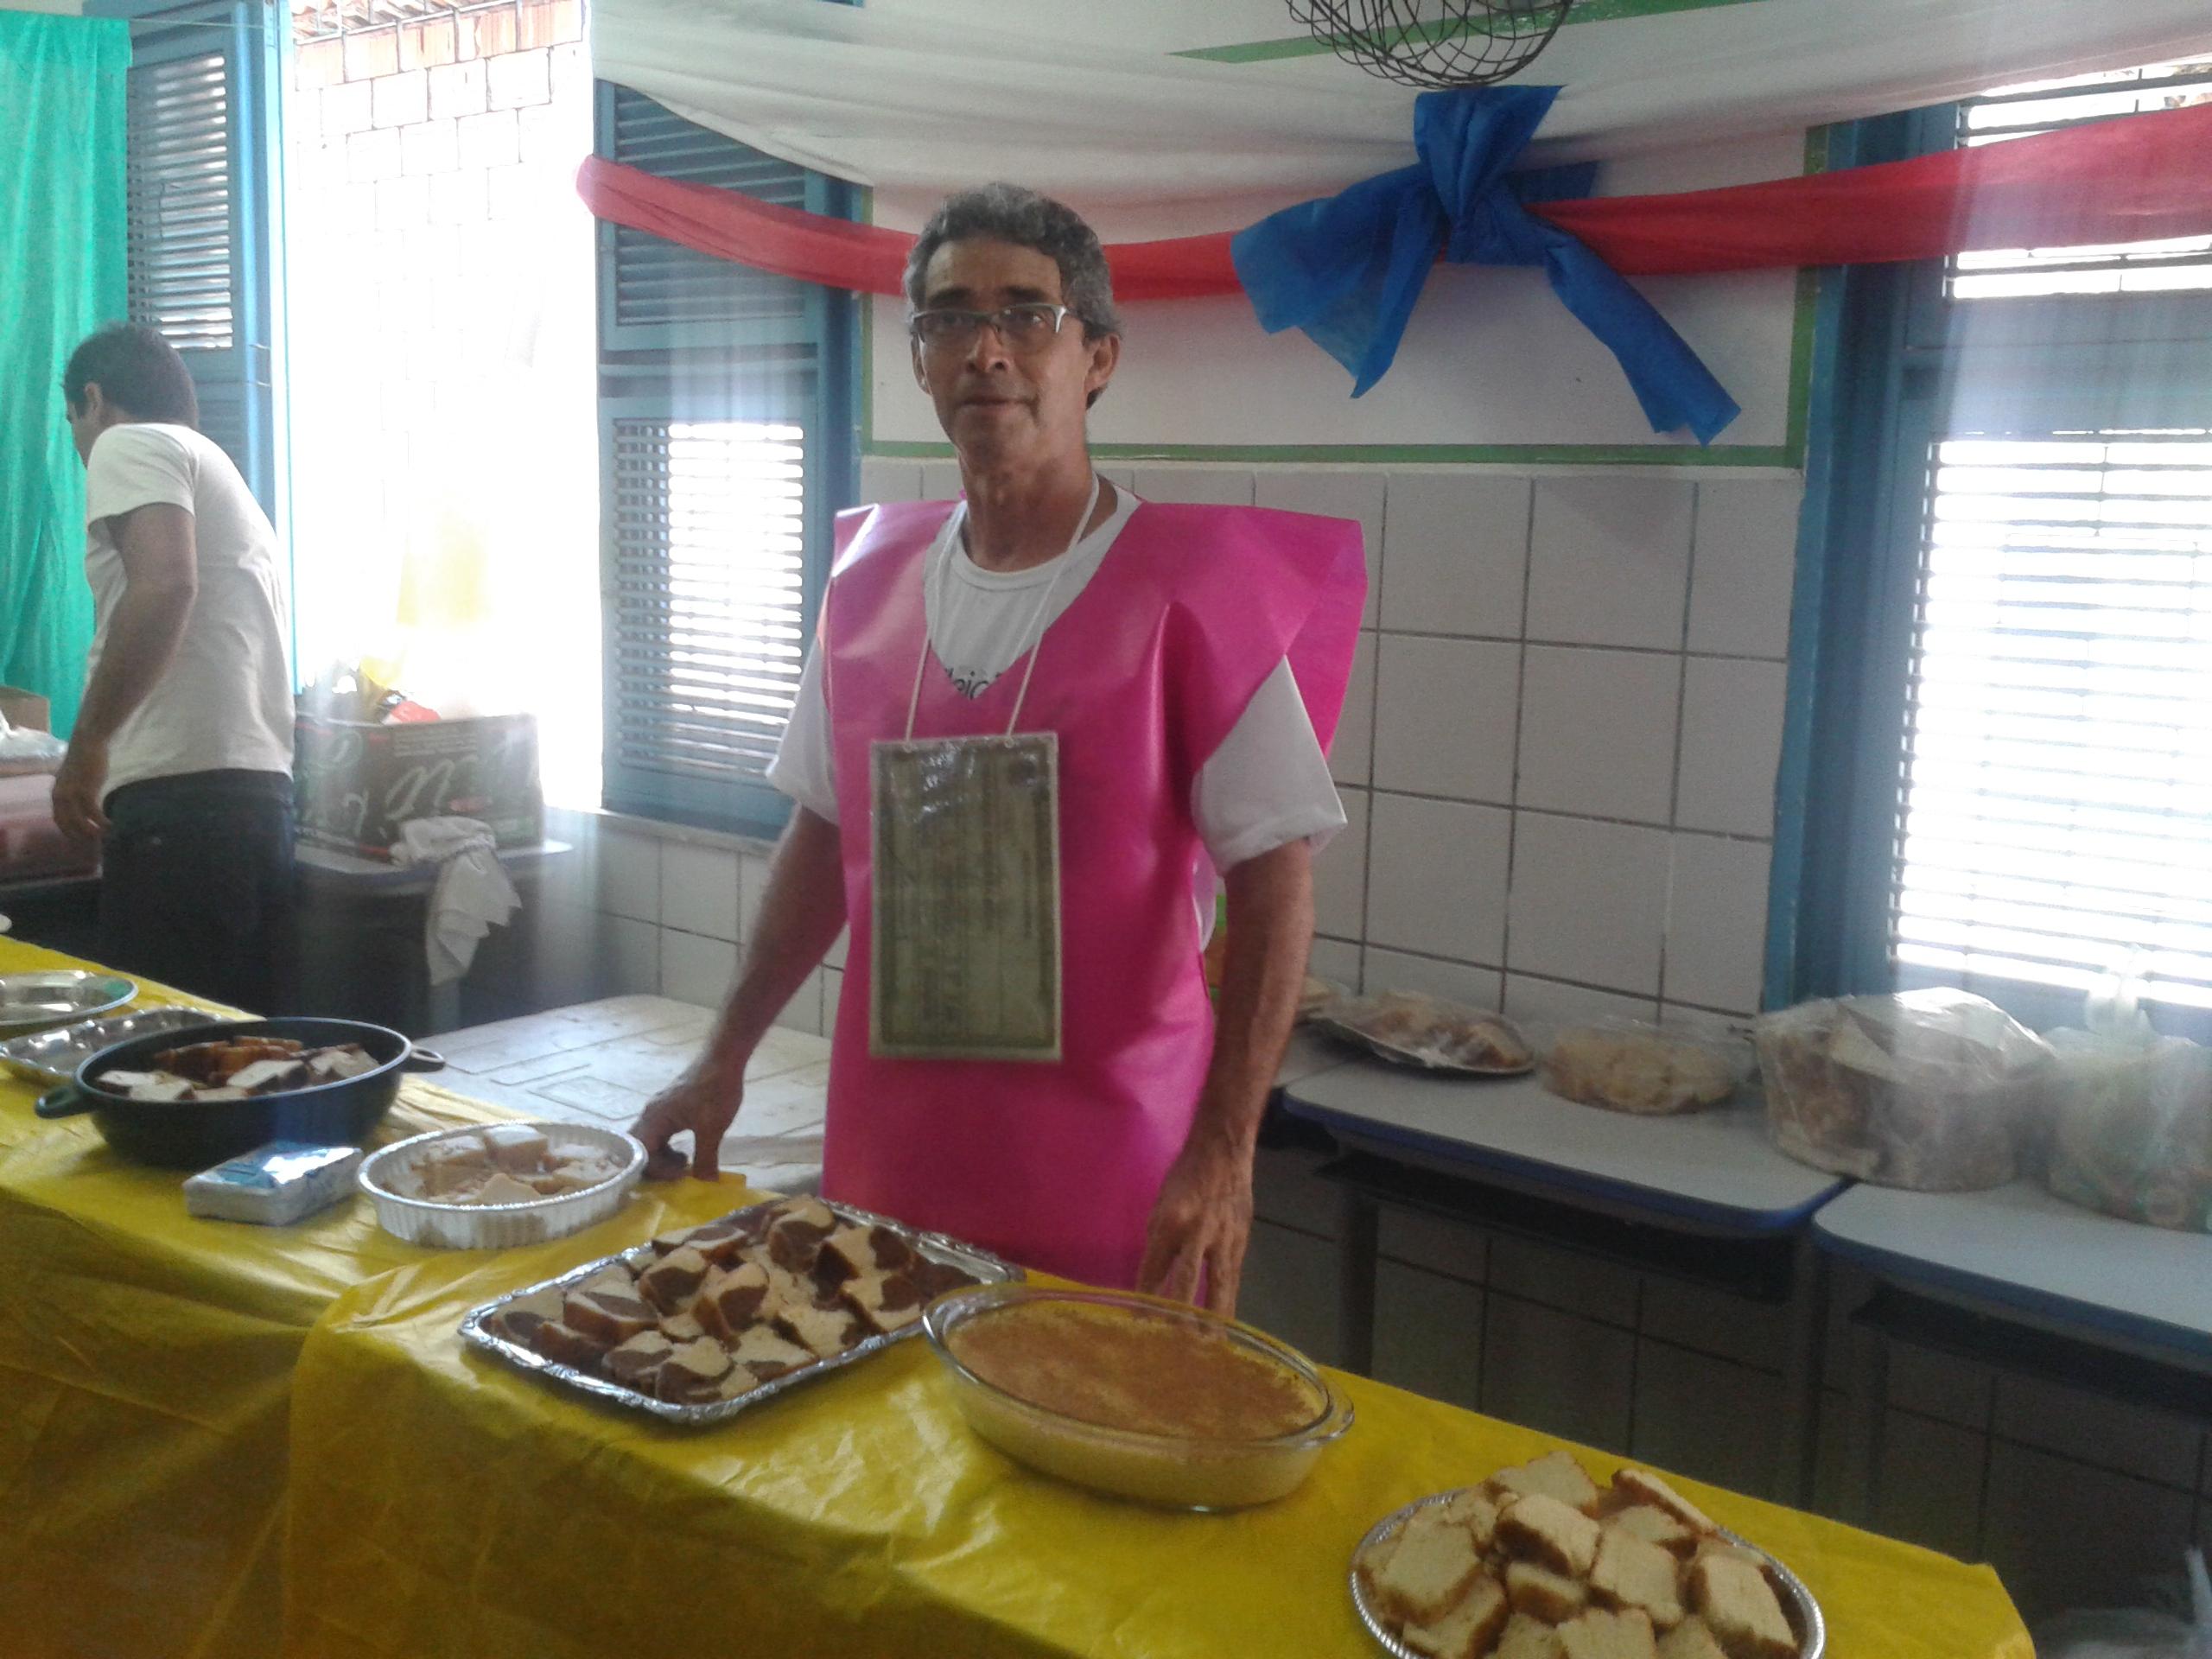 Bolos, canjicas, pudim e outros pratos são preparados pelo próprio Francisco Carlos da Silva. (FOTO: Tribuna do Ceará/ Rosana Romão)